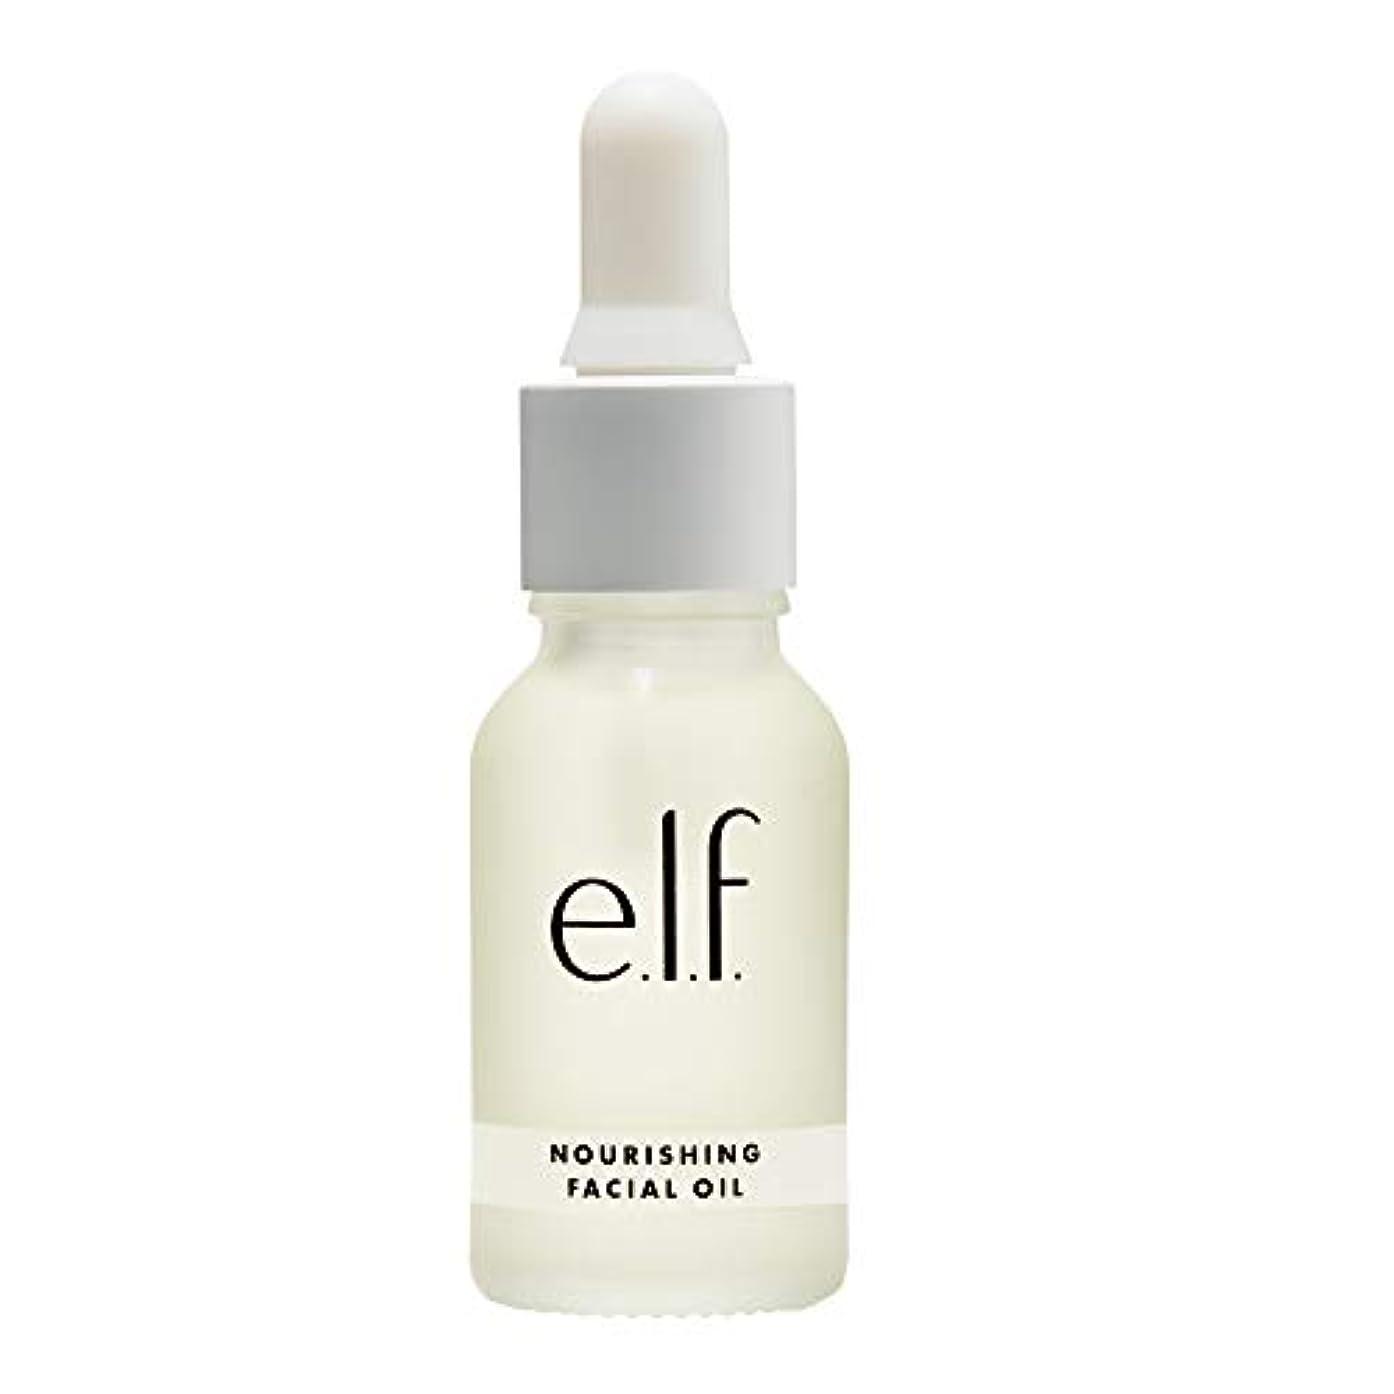 e.l.f. Nourishing Facial Oil (並行輸入品)